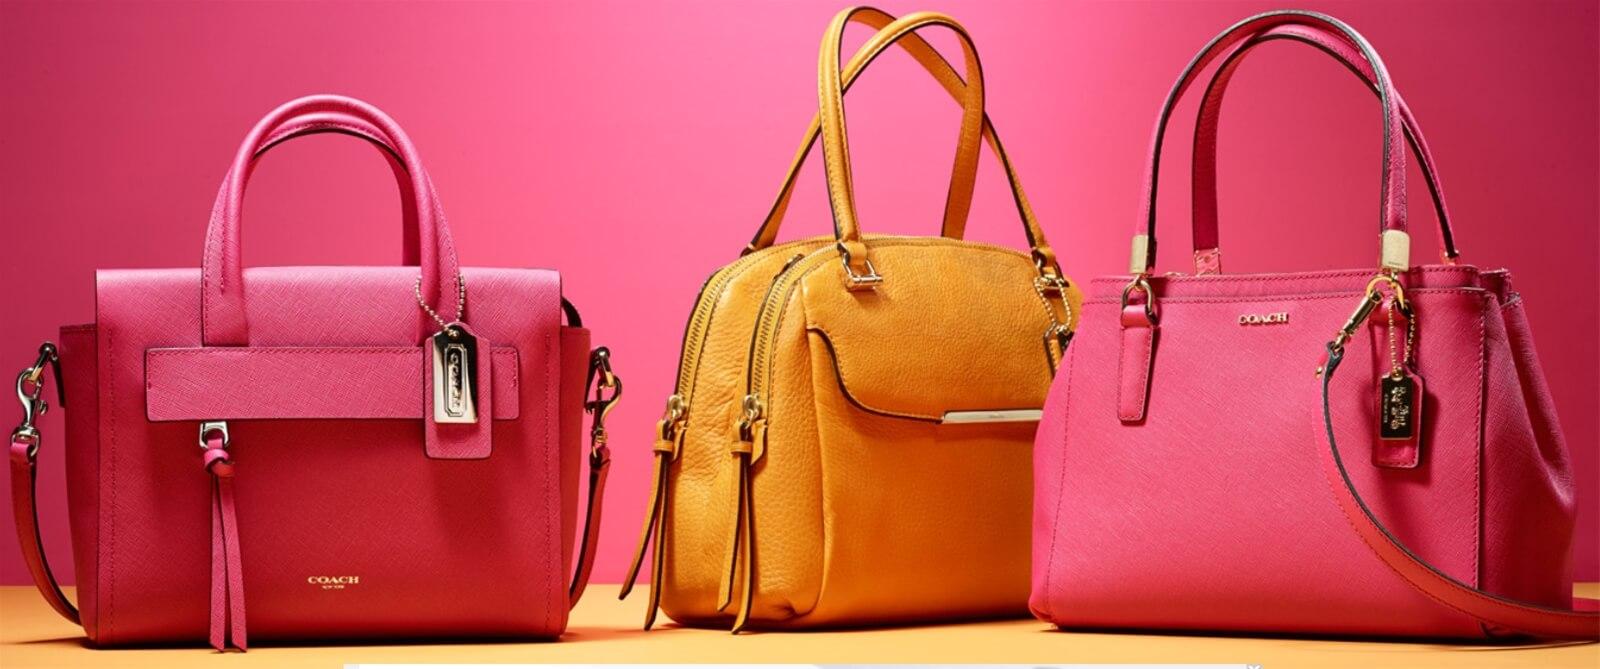 Túi xách giúp phụ nữ tự tin và nổi bật hơn